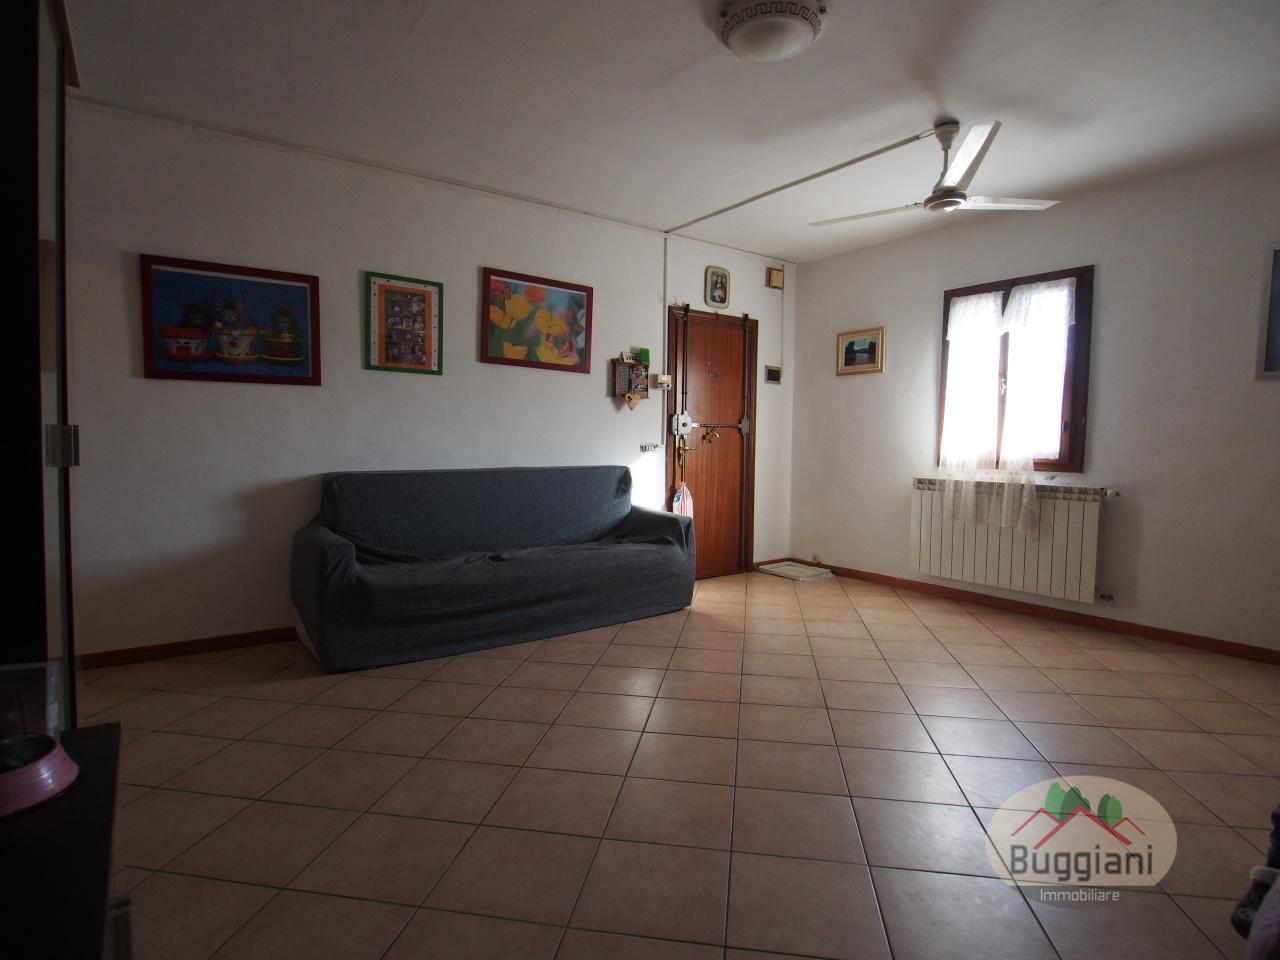 Appartamento in vendita RIF. 1691, Empoli (FI)